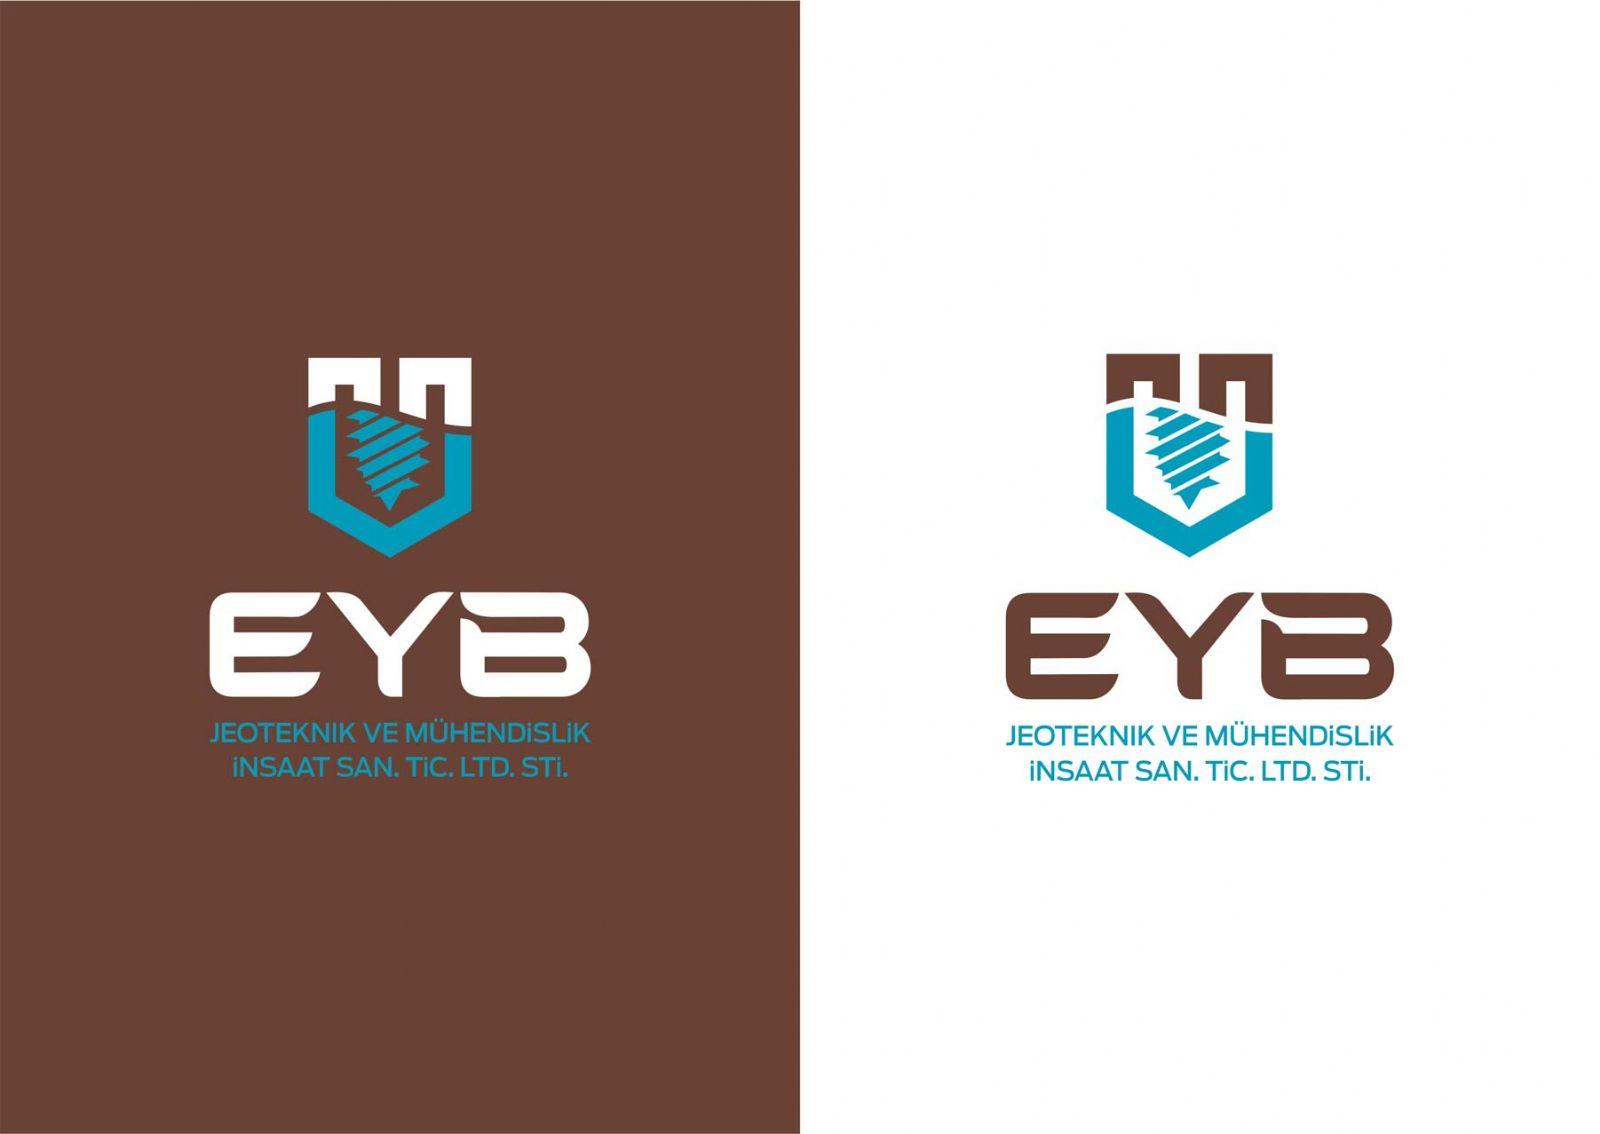 eyb jeoteknik logo